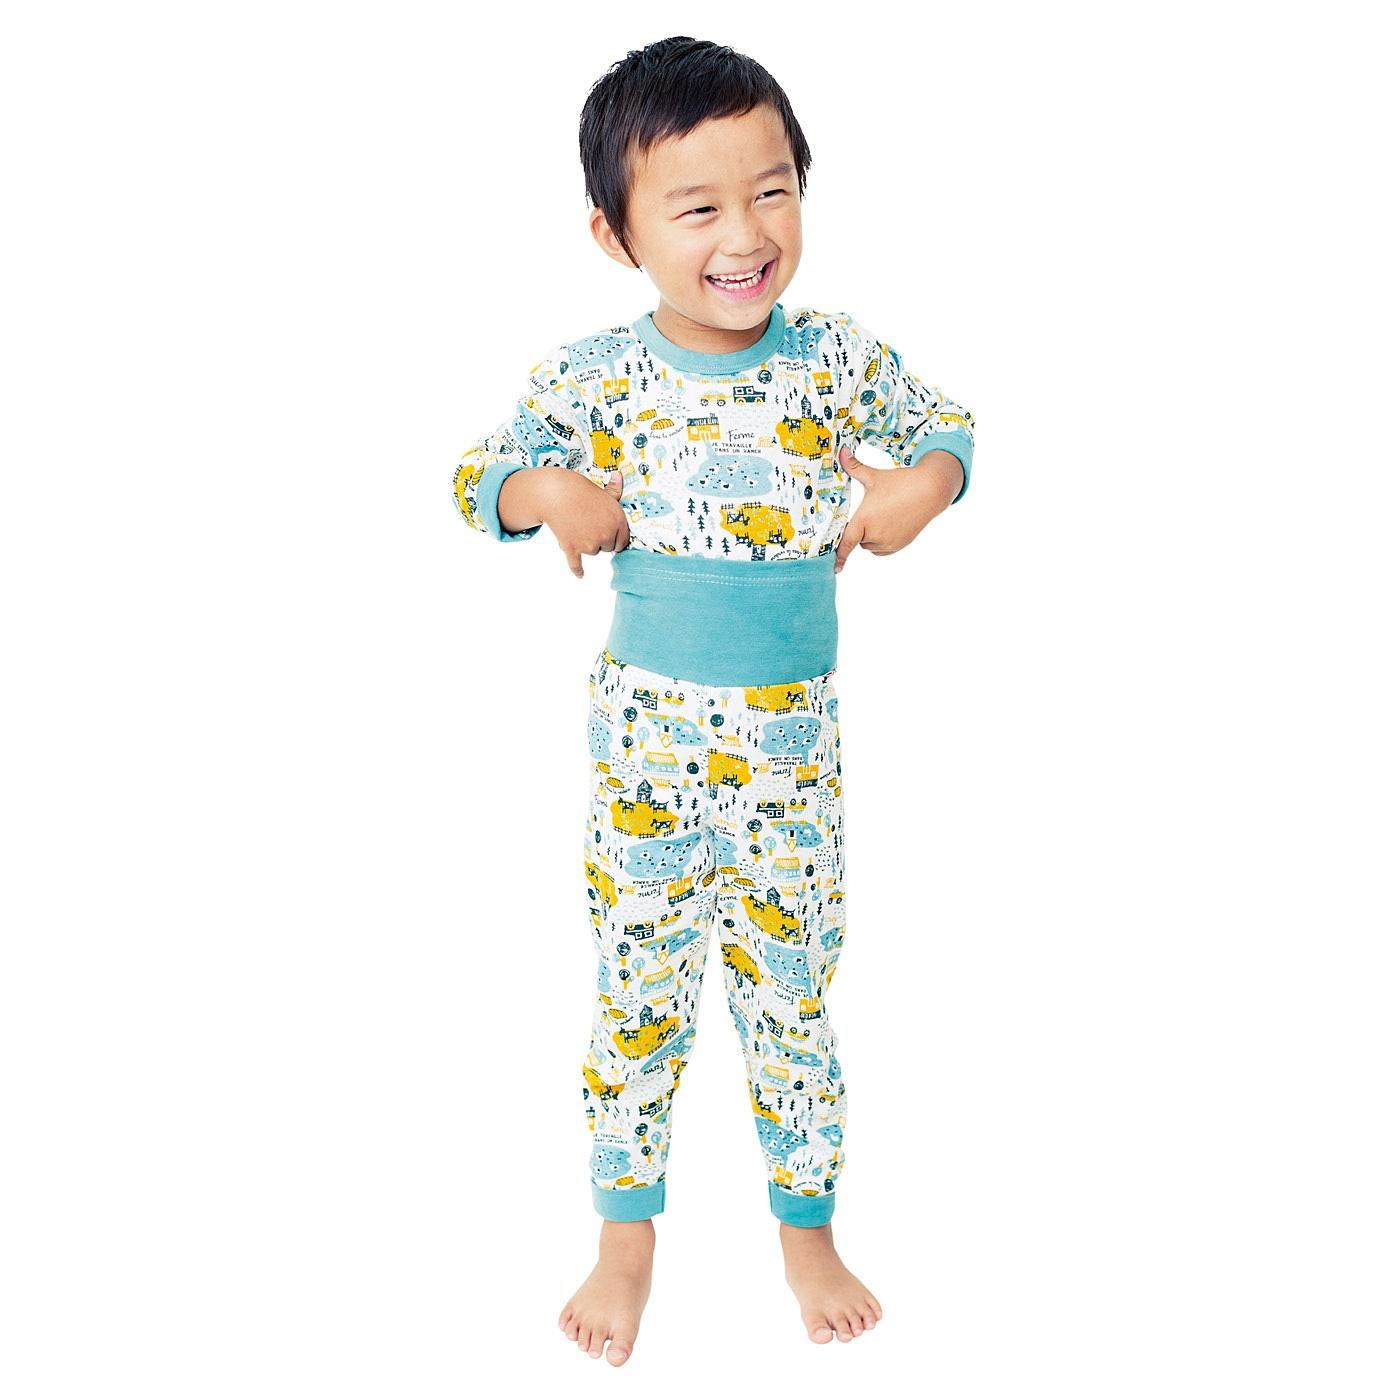 おなか出ないよ! はらまきドッキングイラストパジャマの会